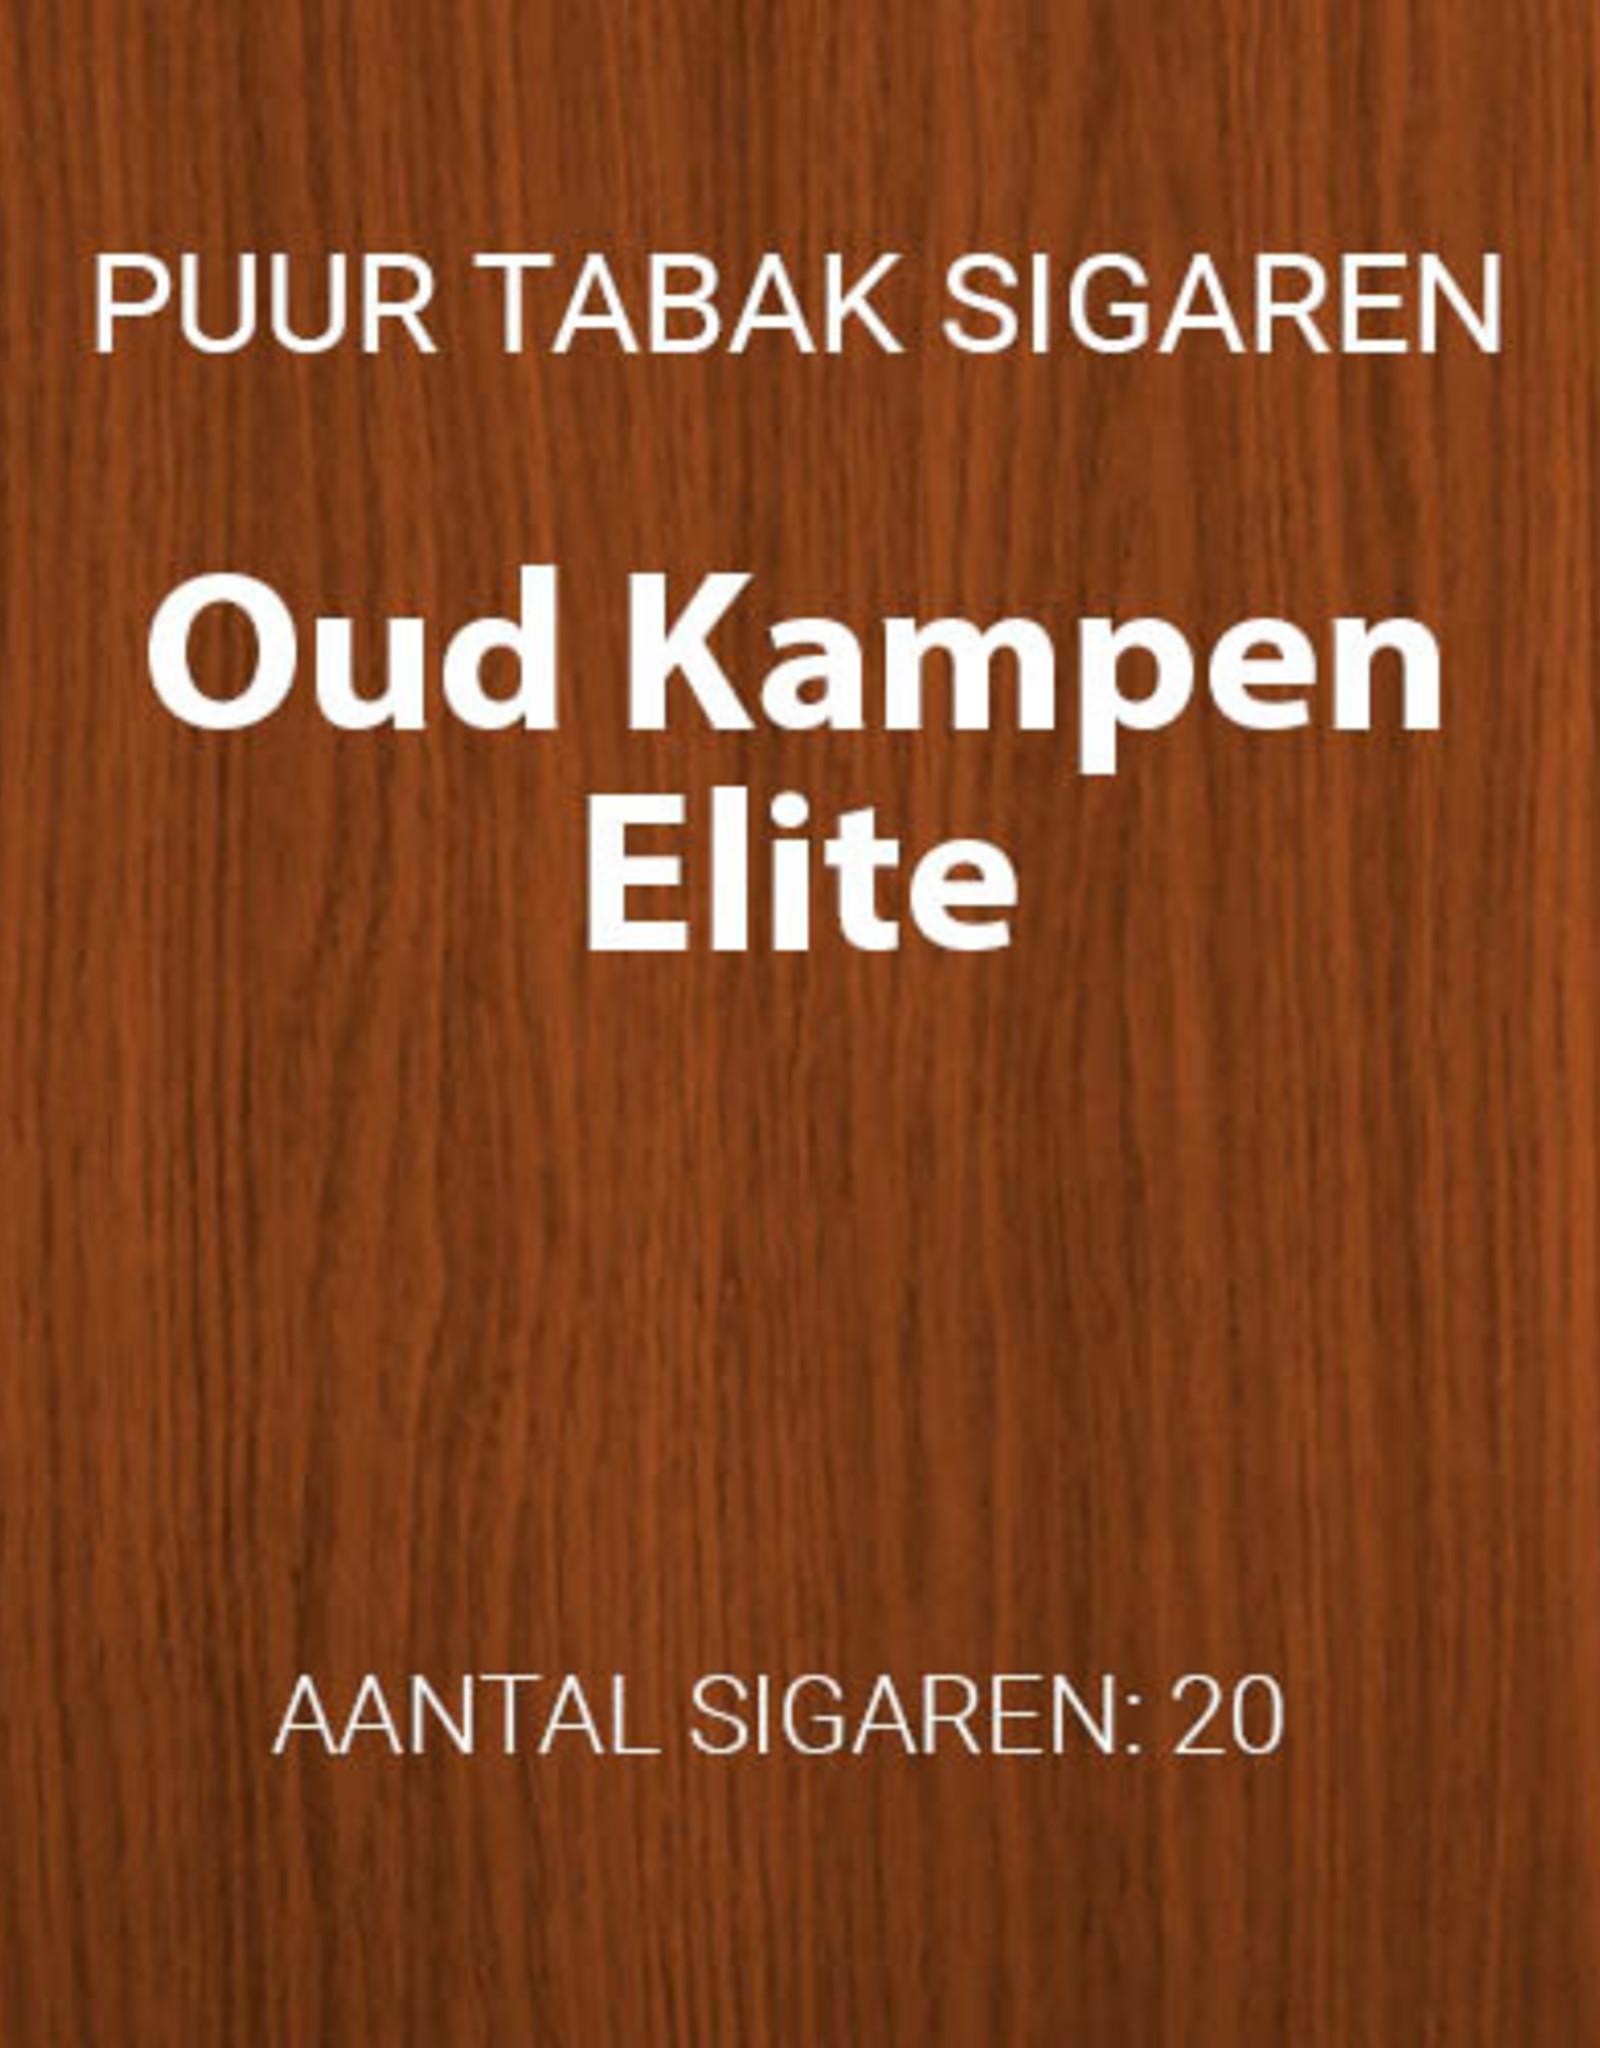 Oud Kampen Oud Kampen Elite 20 stuks